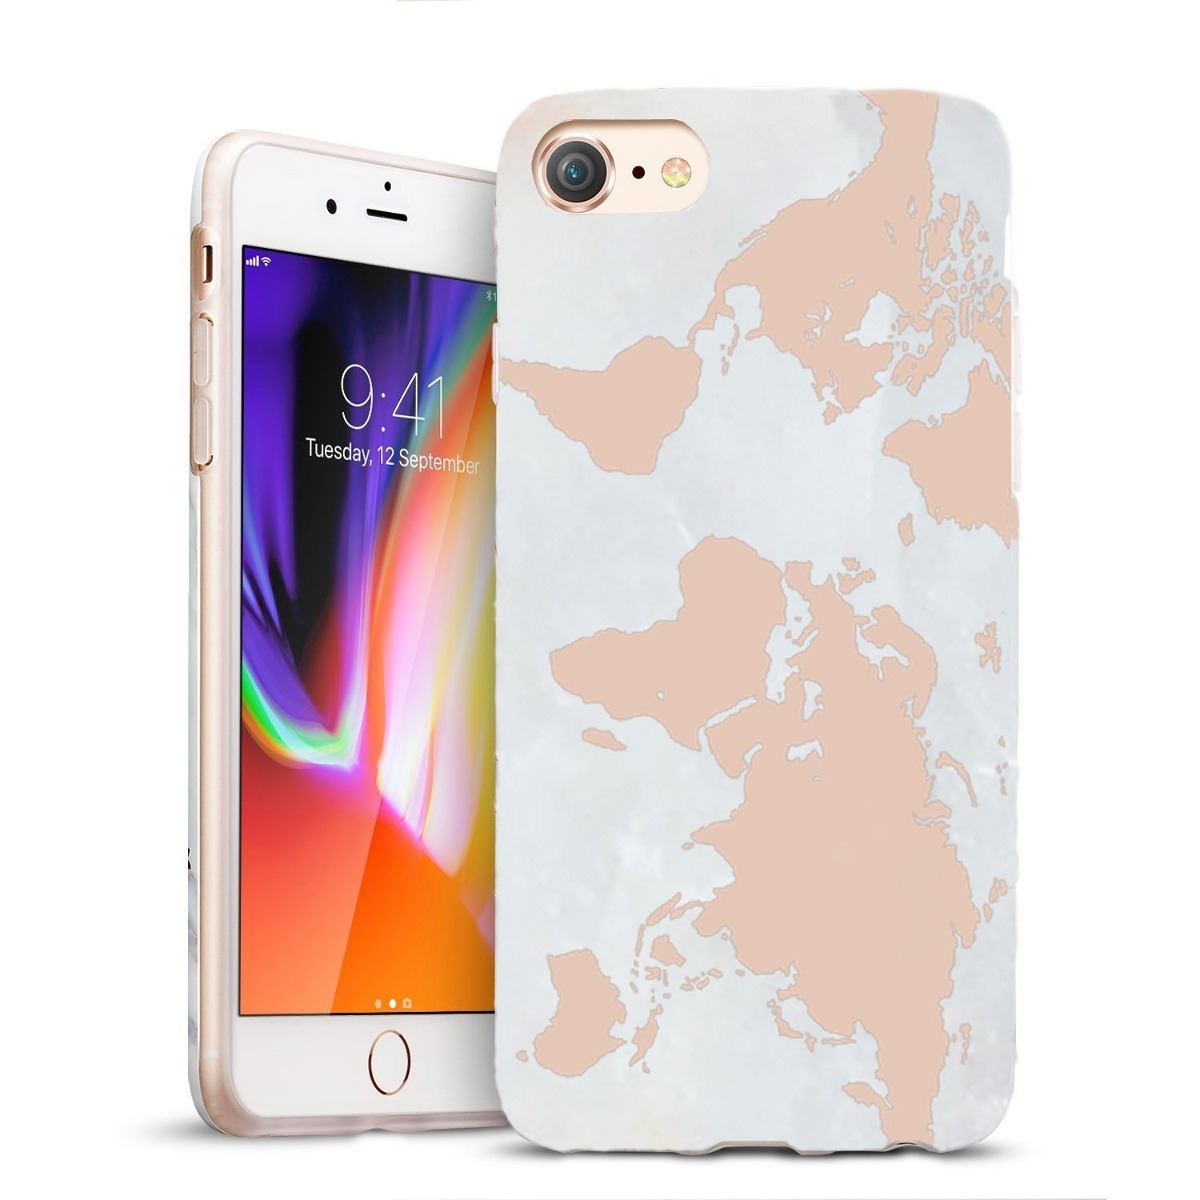 carcasa iphone 8 con tapa